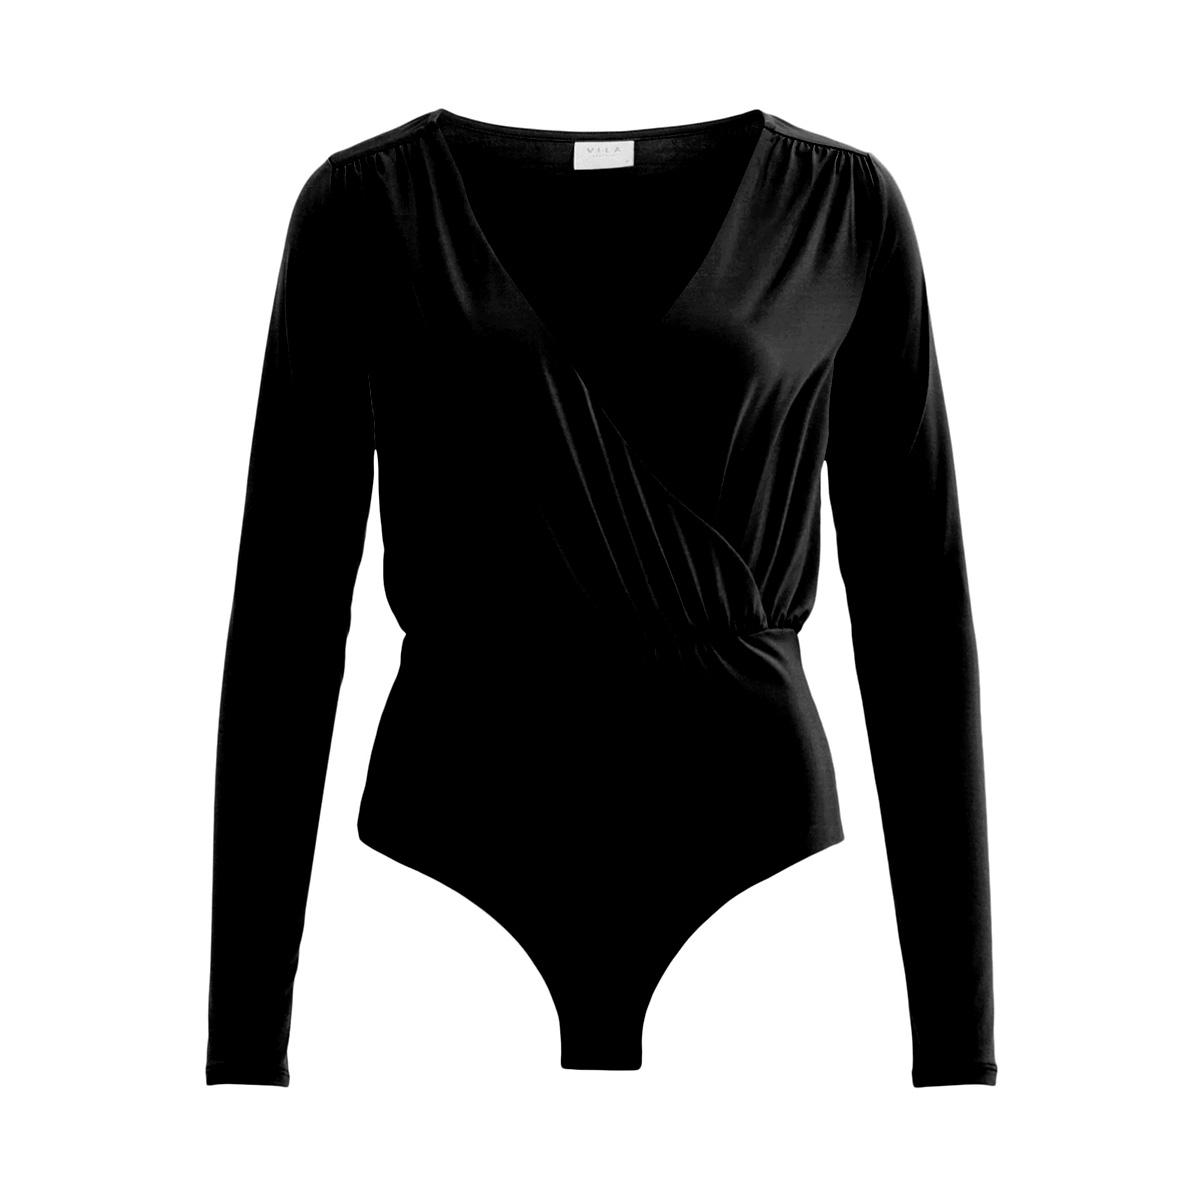 viseeba l/s bodystocking 14050805 vila t-shirt black